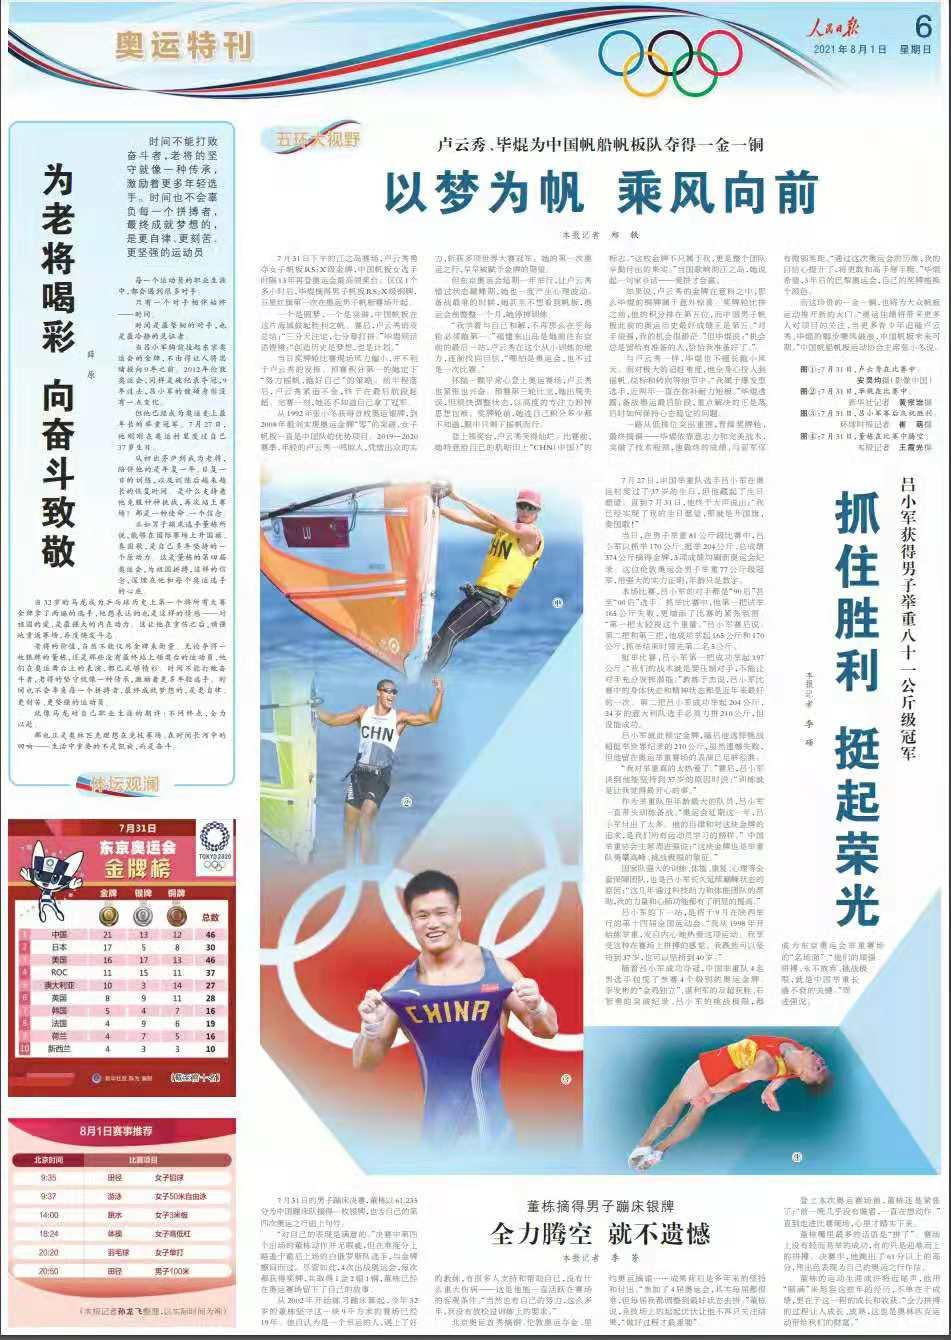 张小冬:当更多青少年追随奥运的脚步乘风破浪,中国帆船未来可期